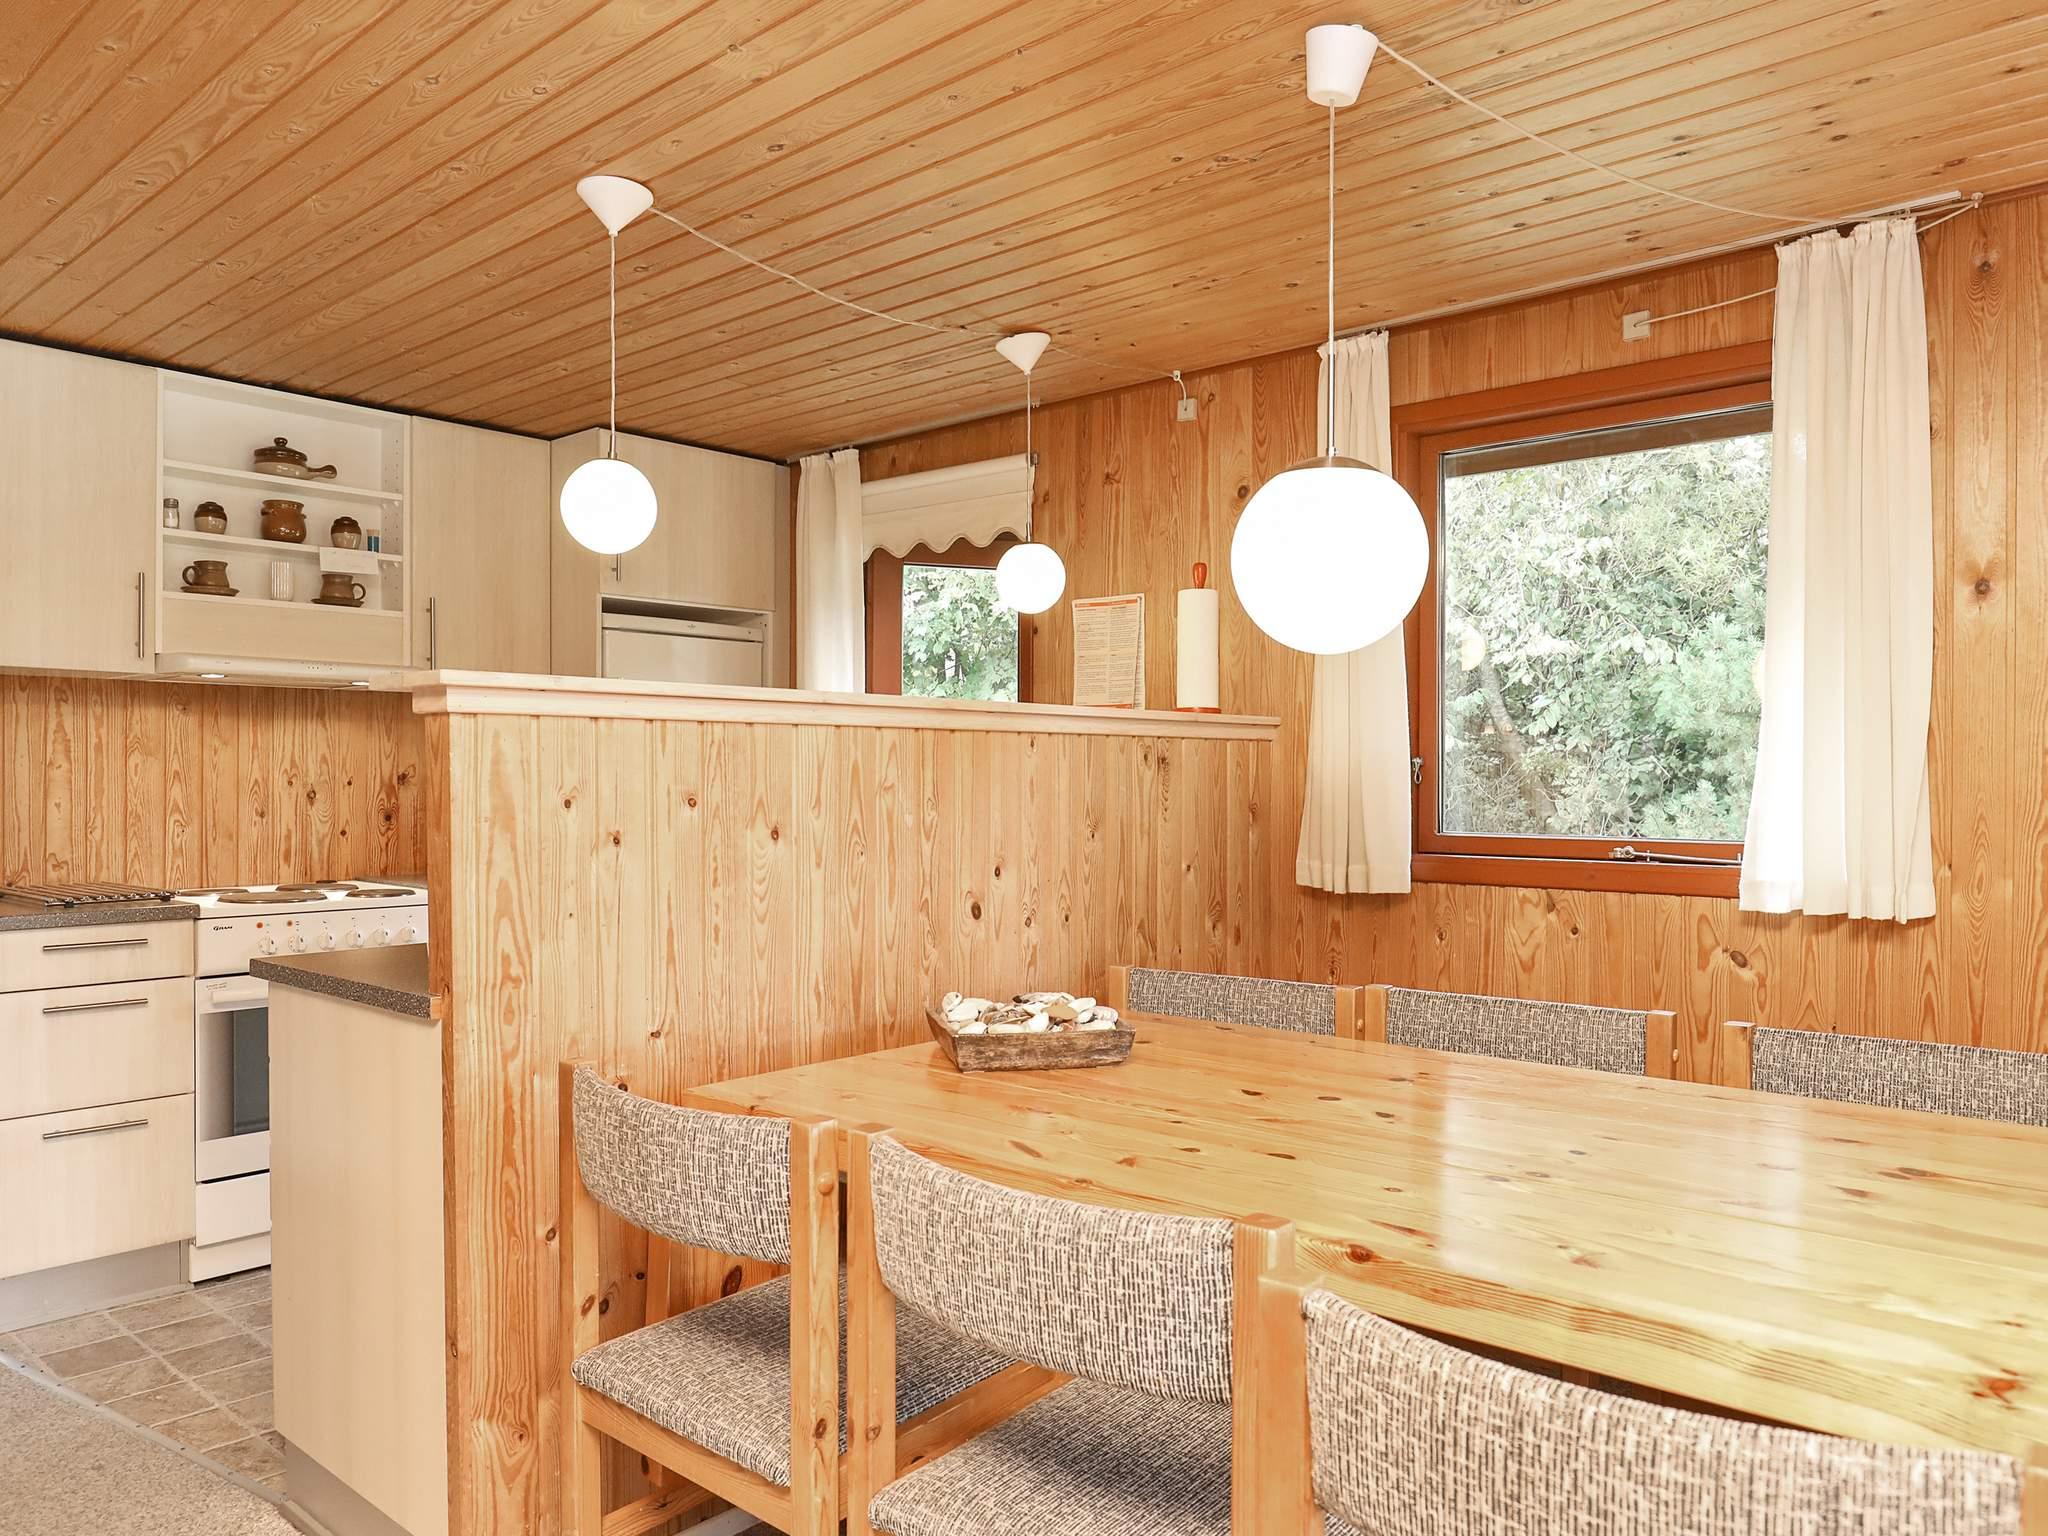 Ferienhaus Toftum Bjerge (82790), Struer, , Limfjord, Dänemark, Bild 8